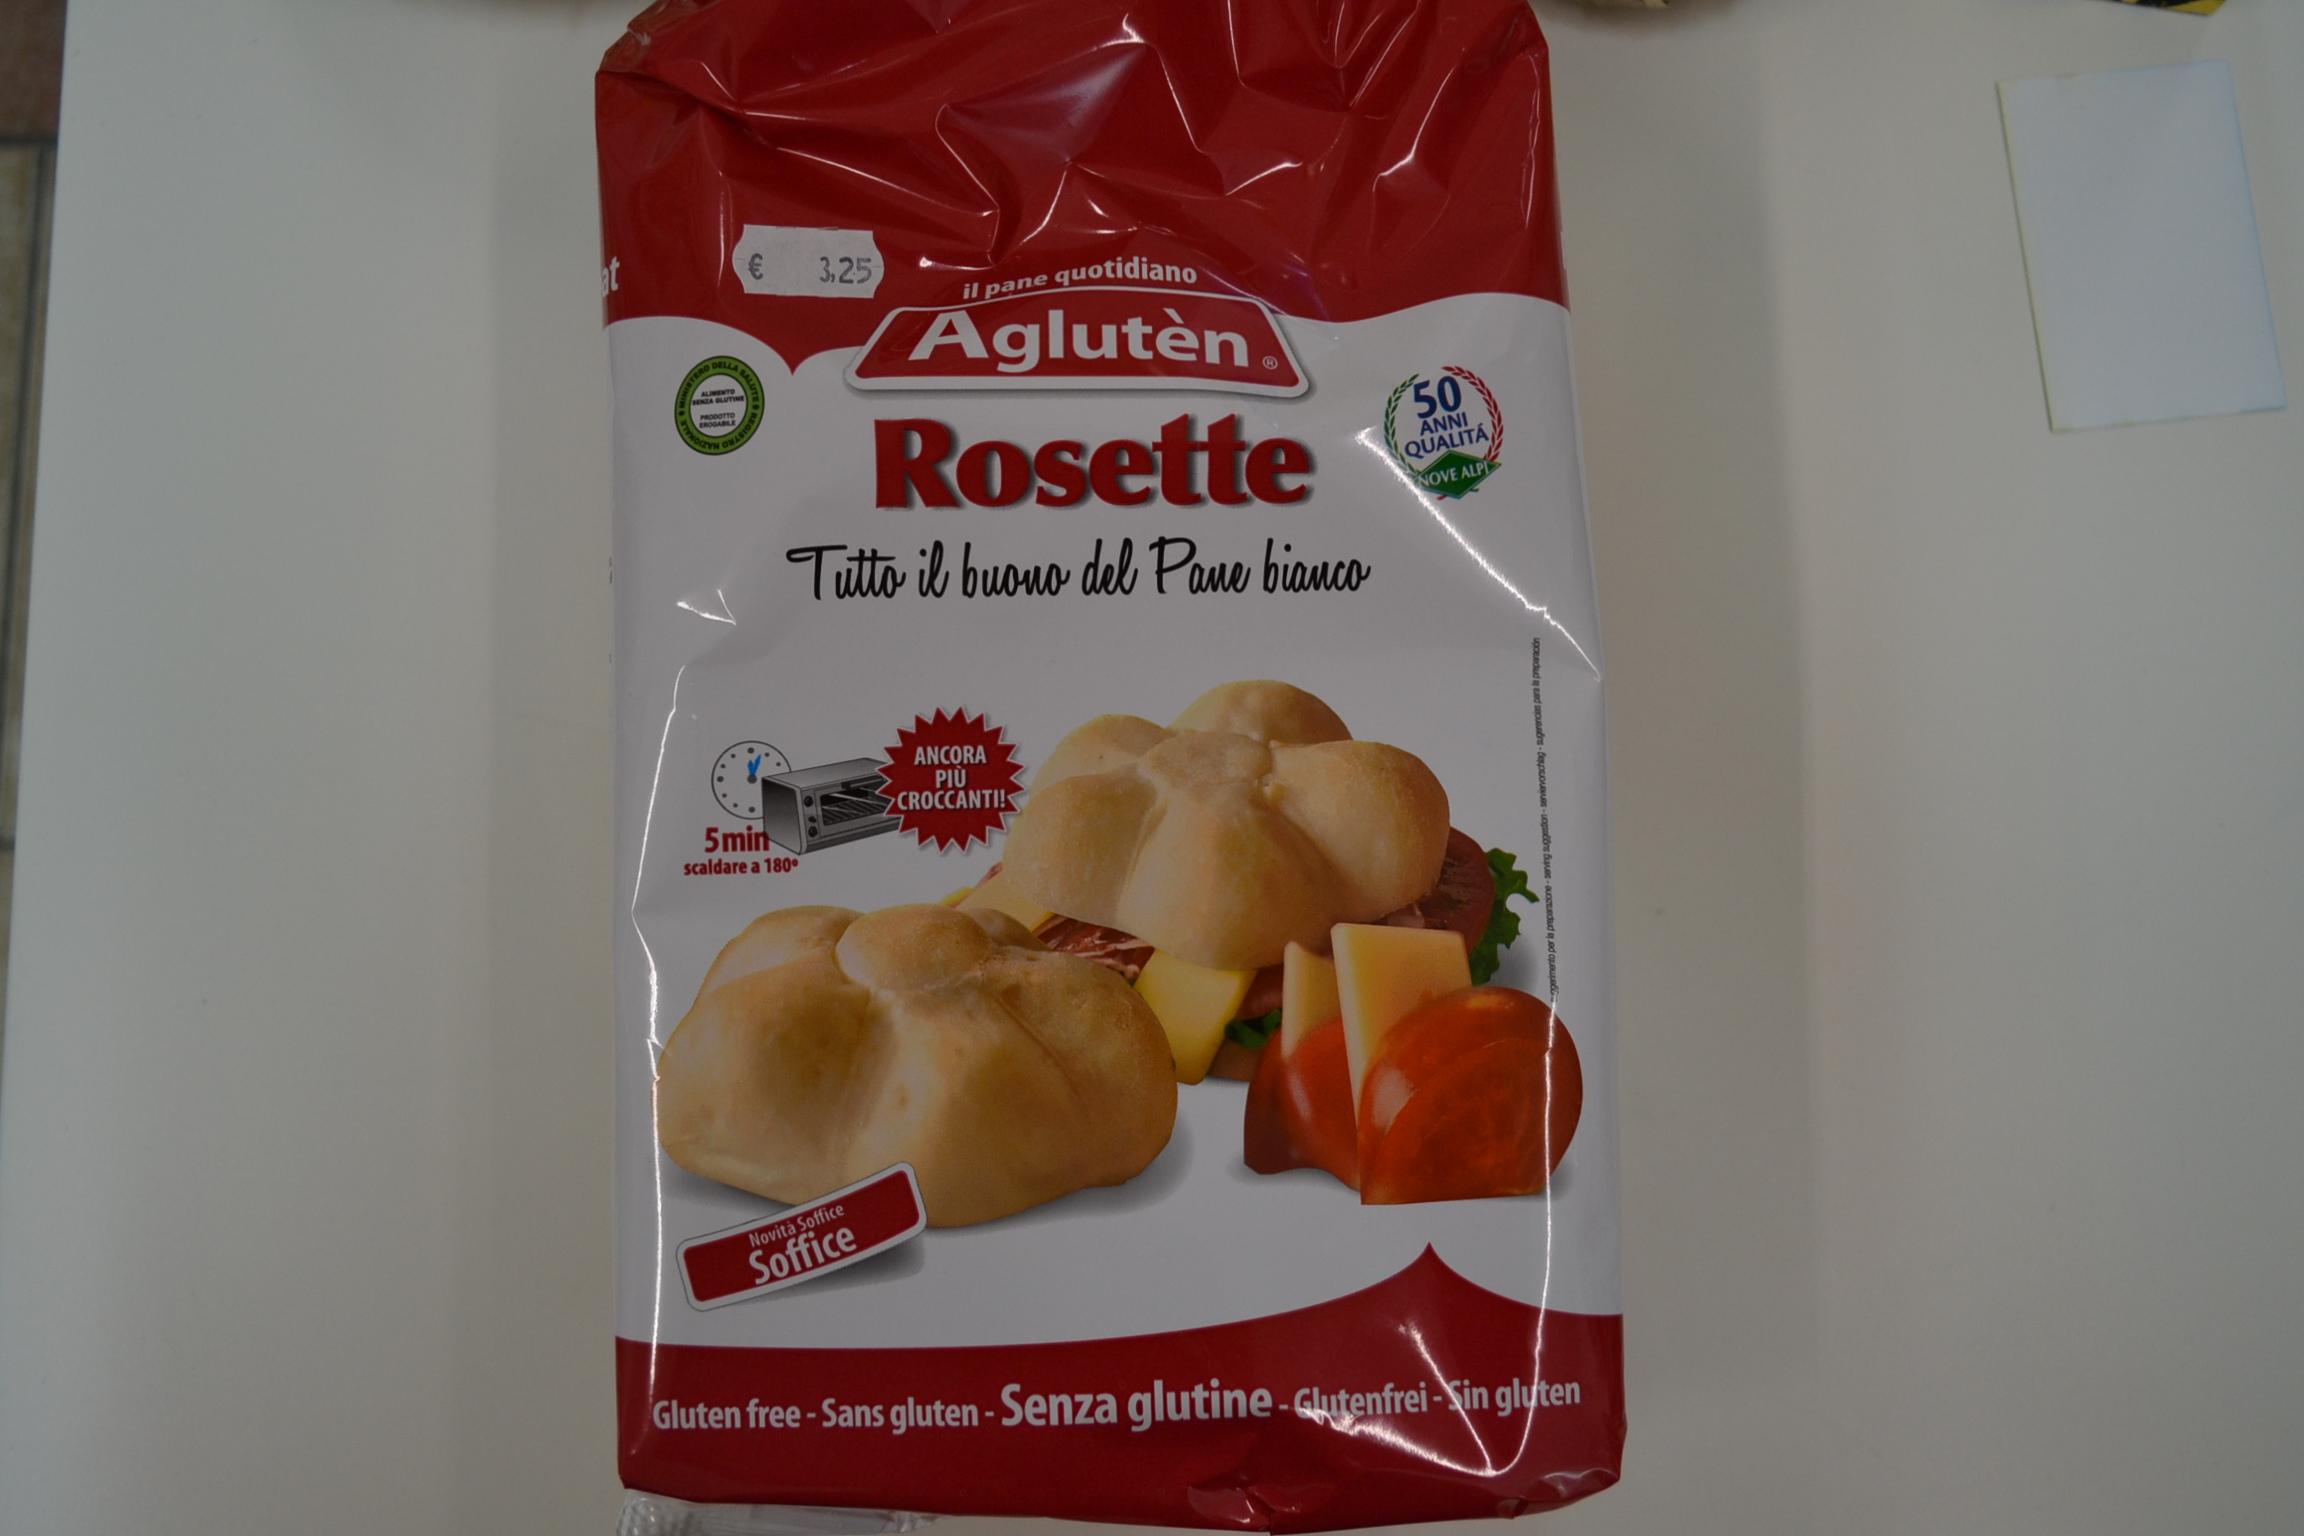 Rosette AGLUTEN € 3,25